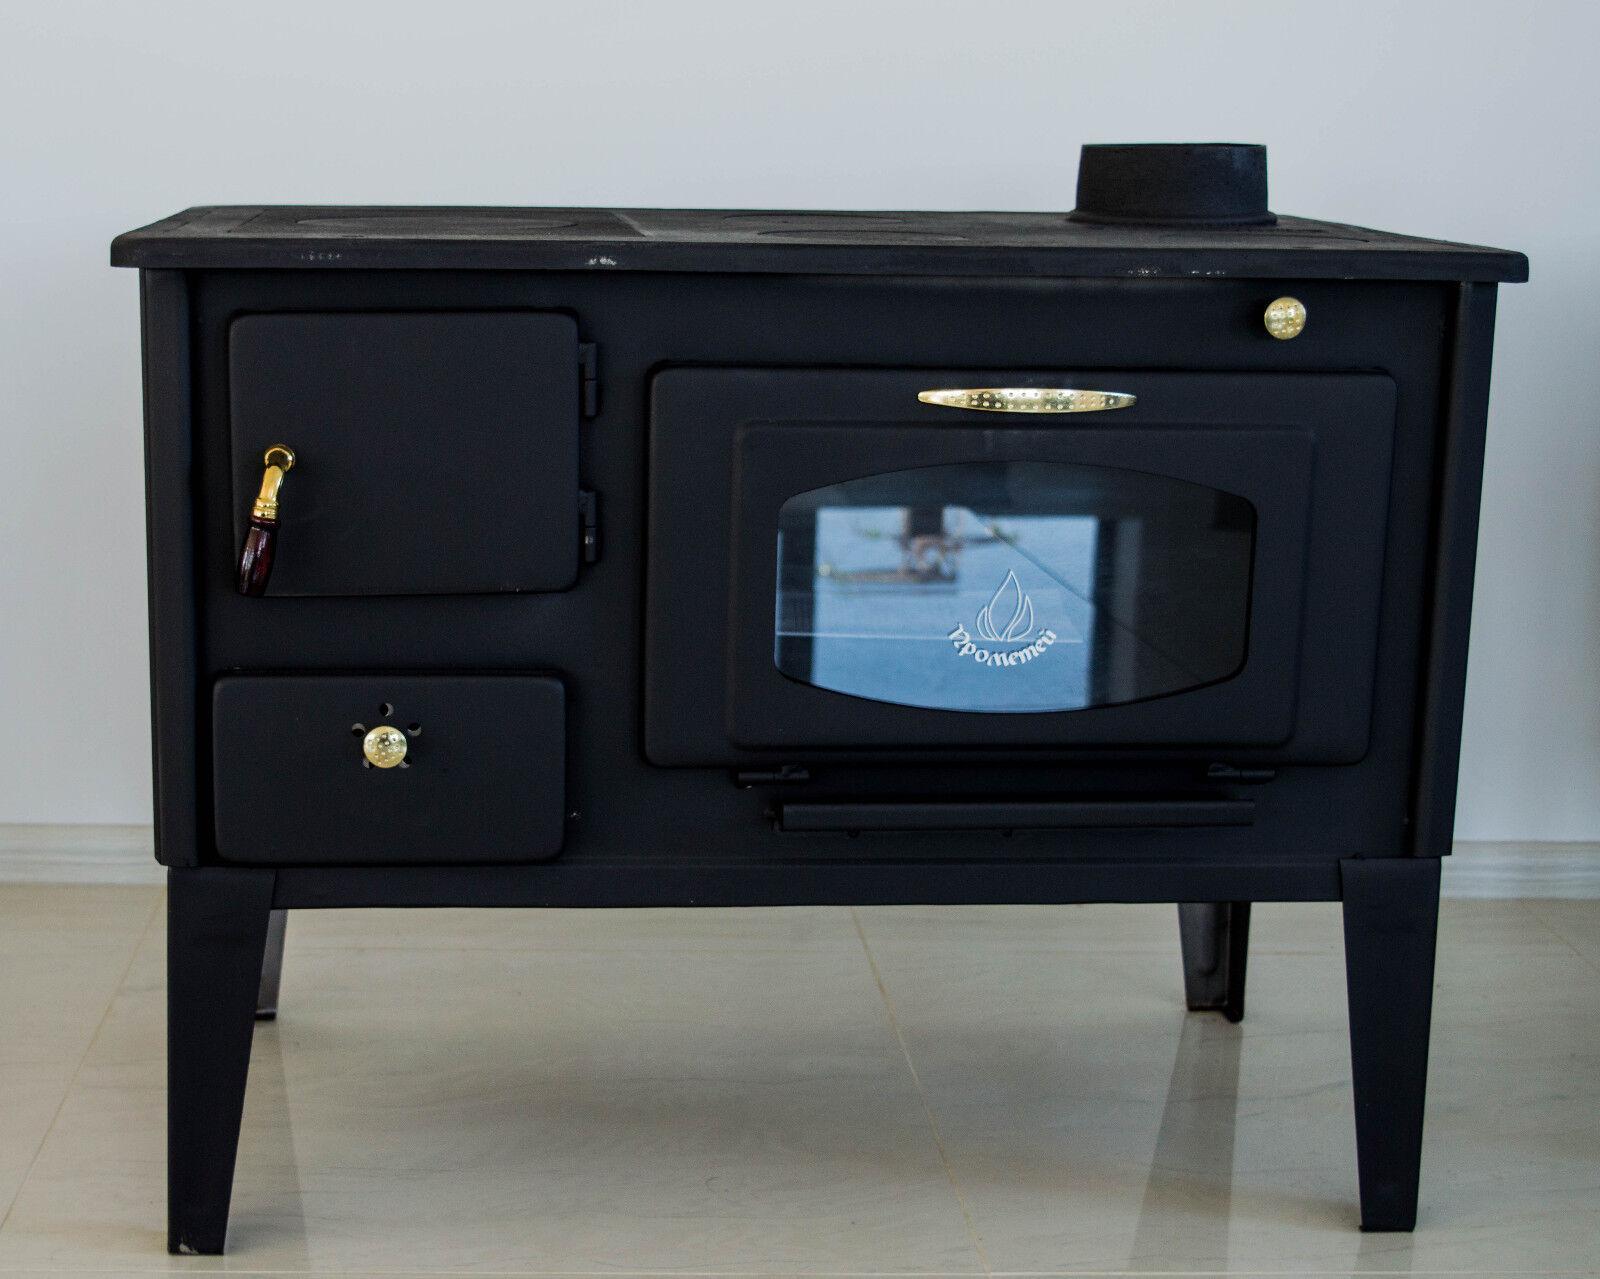 Stufa a legna cucinare stufa forno con vetro prometey 7 kw ghisa top nar tipo ebay - Cucinare con il forno a legna ...